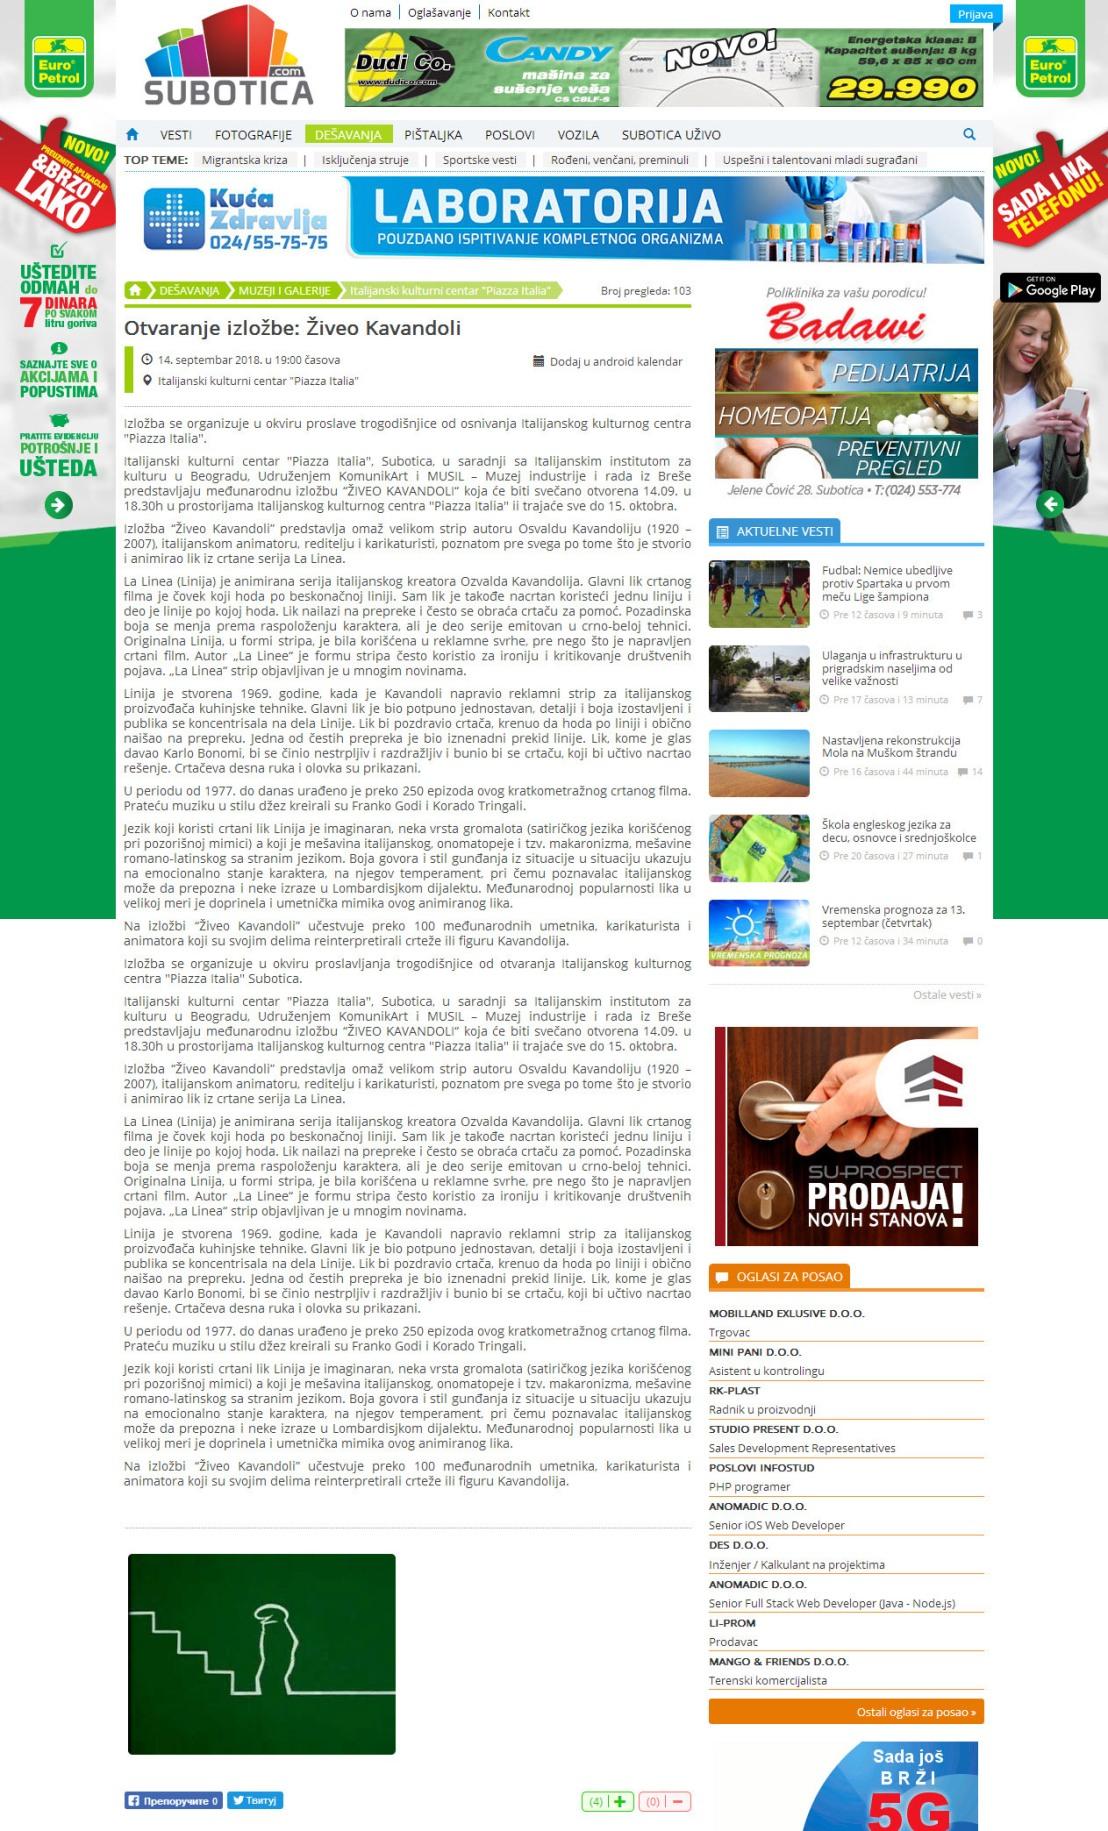 1309 - subotica.com - Otvaranje izlozbe- Ziveo Kavandoli.jpg